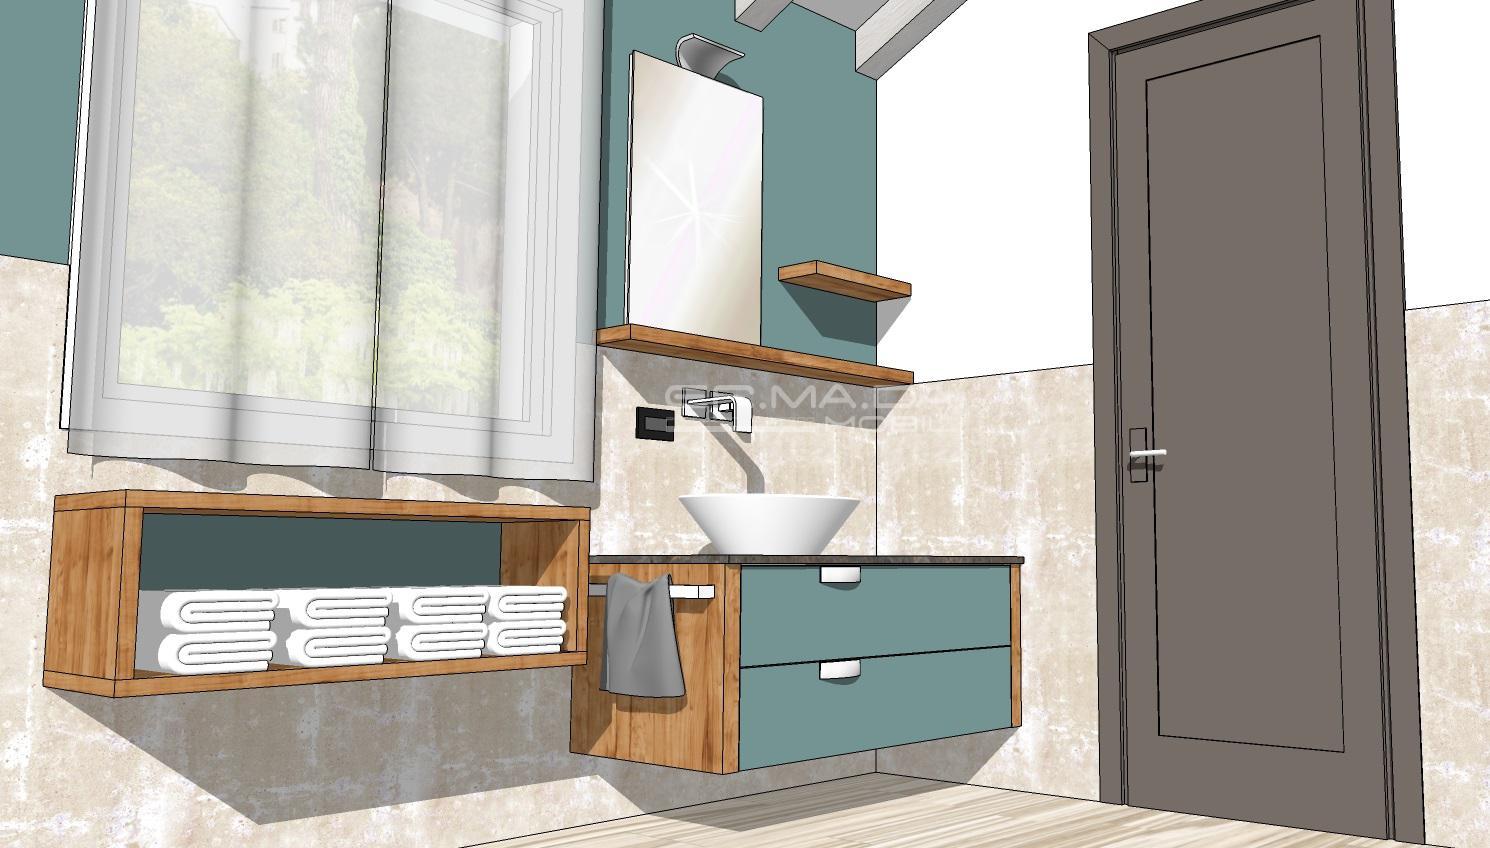 Progetta il tuo bagno progettare un bagno con stile with - Disegna il tuo bagno ...